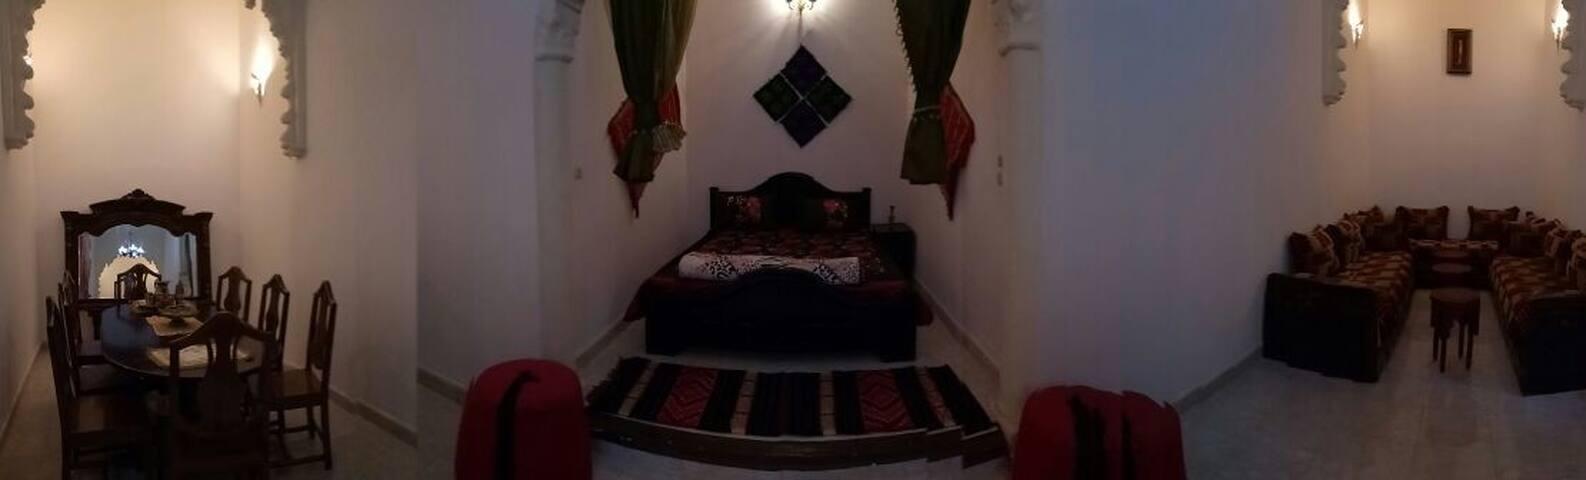 ROYAL ROOM in Riad Dar Tsouli